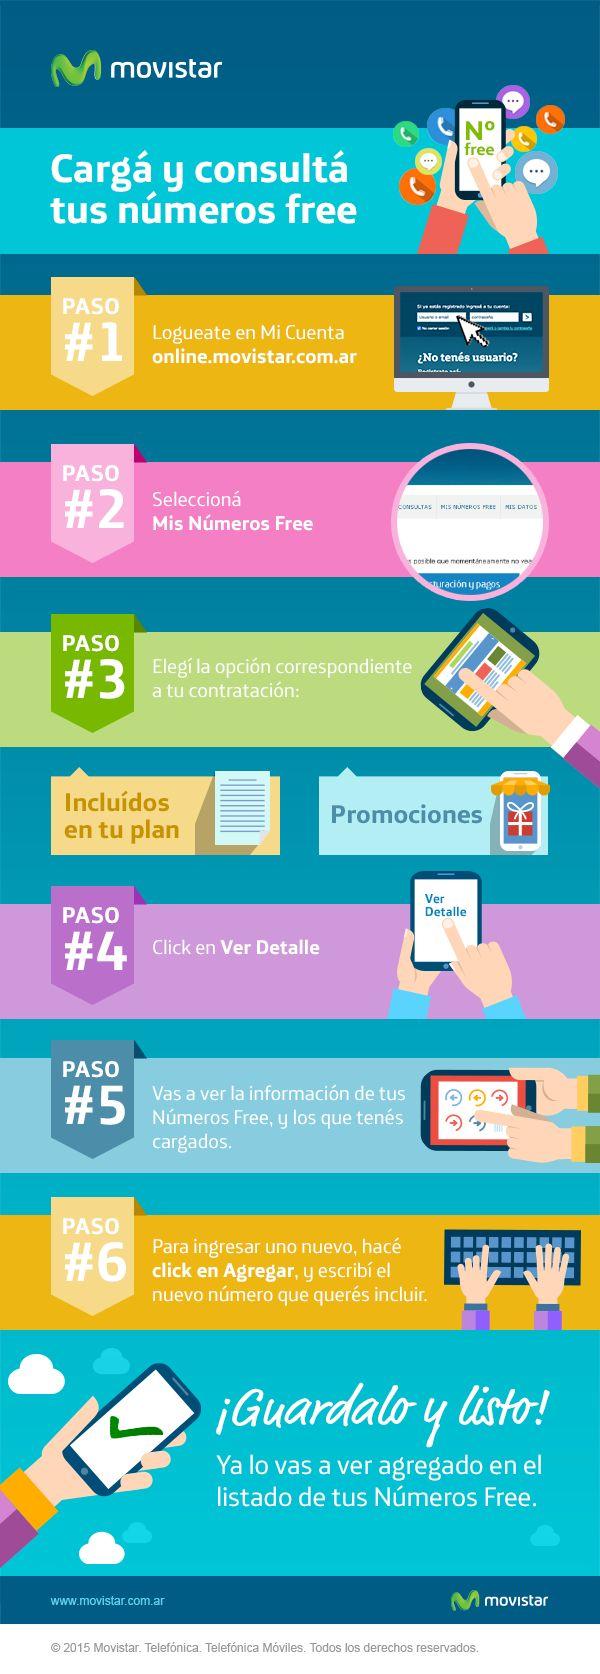 ¿Cómo cargar o consultar tus Números Free? Accedé a http://online.movistar.com.ar/?utm_source=pinterest&utm_medium=social_media&utm_content=numerofree&utm_campaign=contenidos y seguí los pasos. Si tenés otras consultas, ingresá a http://www.movistar.com.ar/atencion-al-cliente?utm_source=pinterest&utm_medium=social_media&utm_content=numerofree&utm_campaign=contenidos #AtenciónAlCliente - #CargarNúmerosFree #NúmeroFree